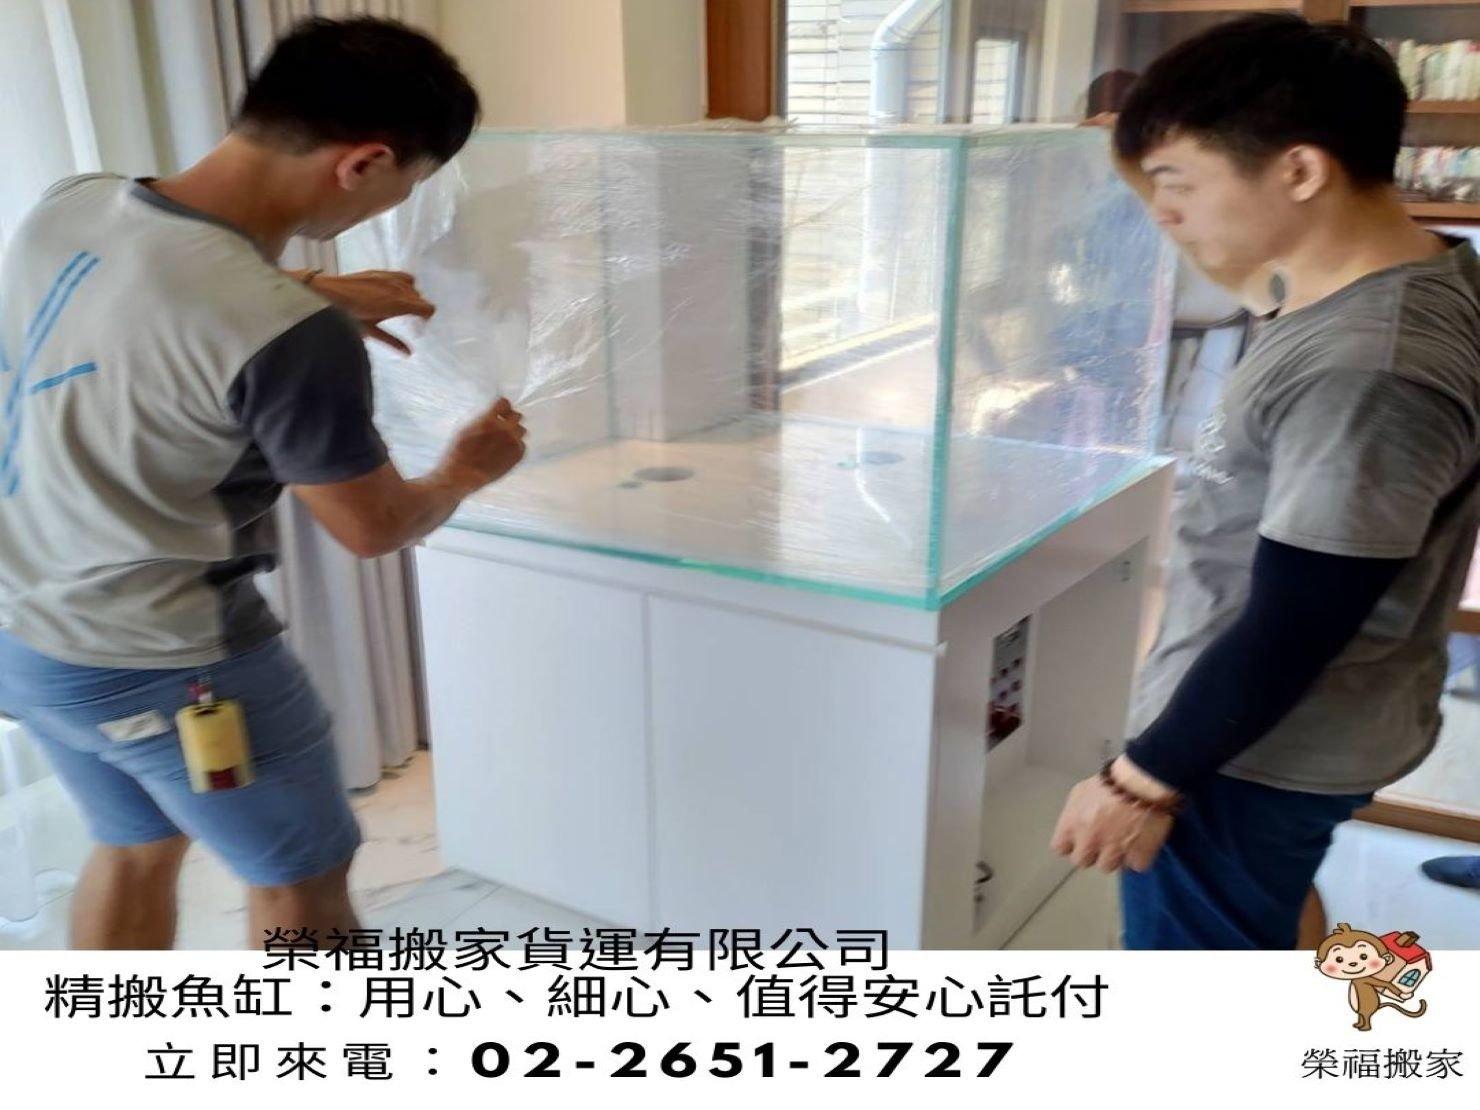 【搬家公司經驗談】搬家公司如何搬魚缸?搬家公司搬魚缸會保護嗎?有幫忙清空魚缸嗎?